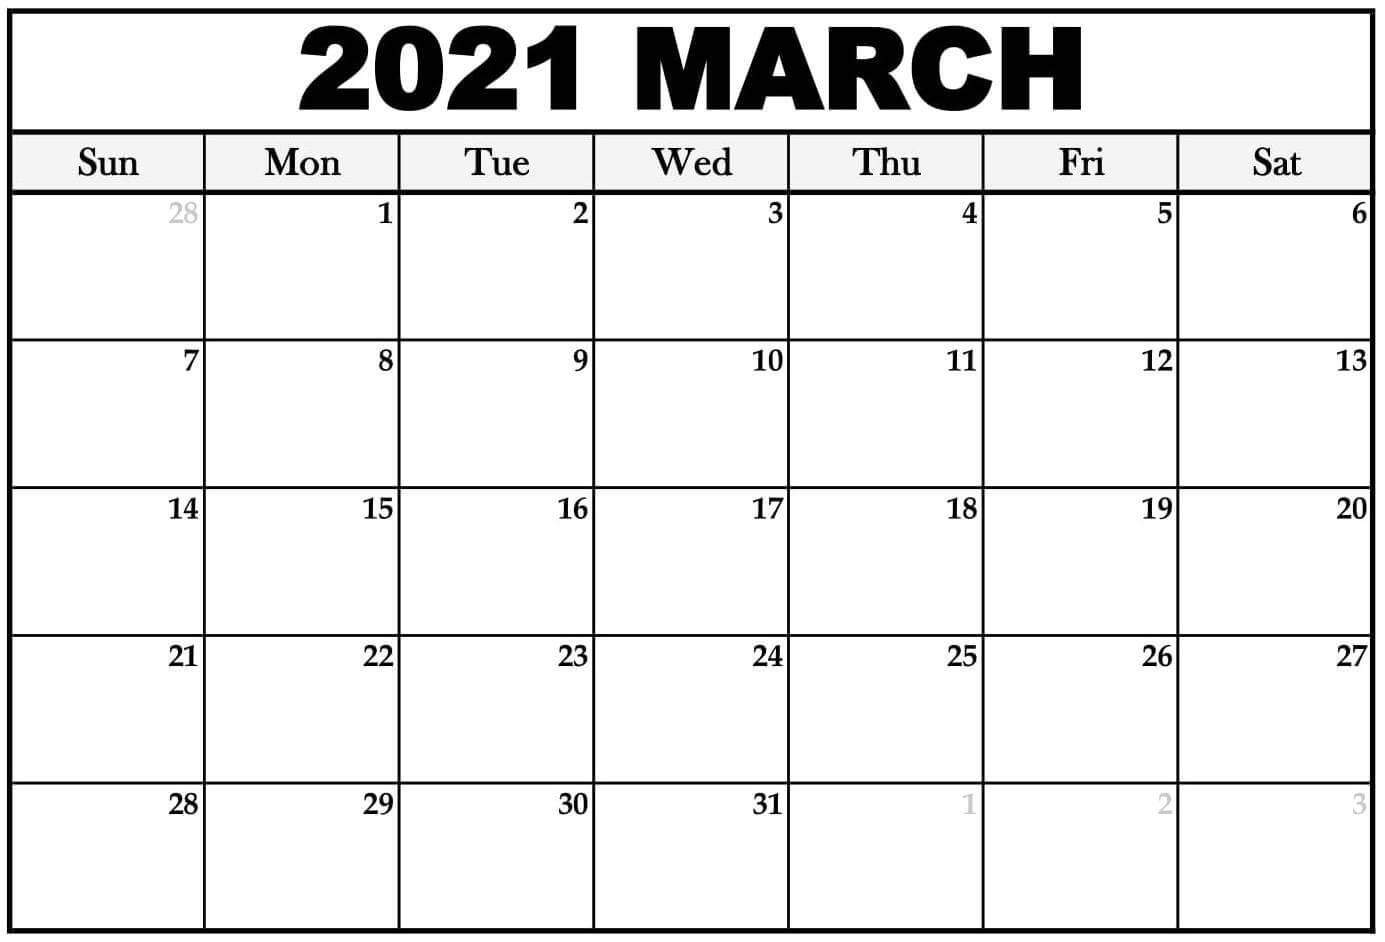 2021 March Blank Calendar